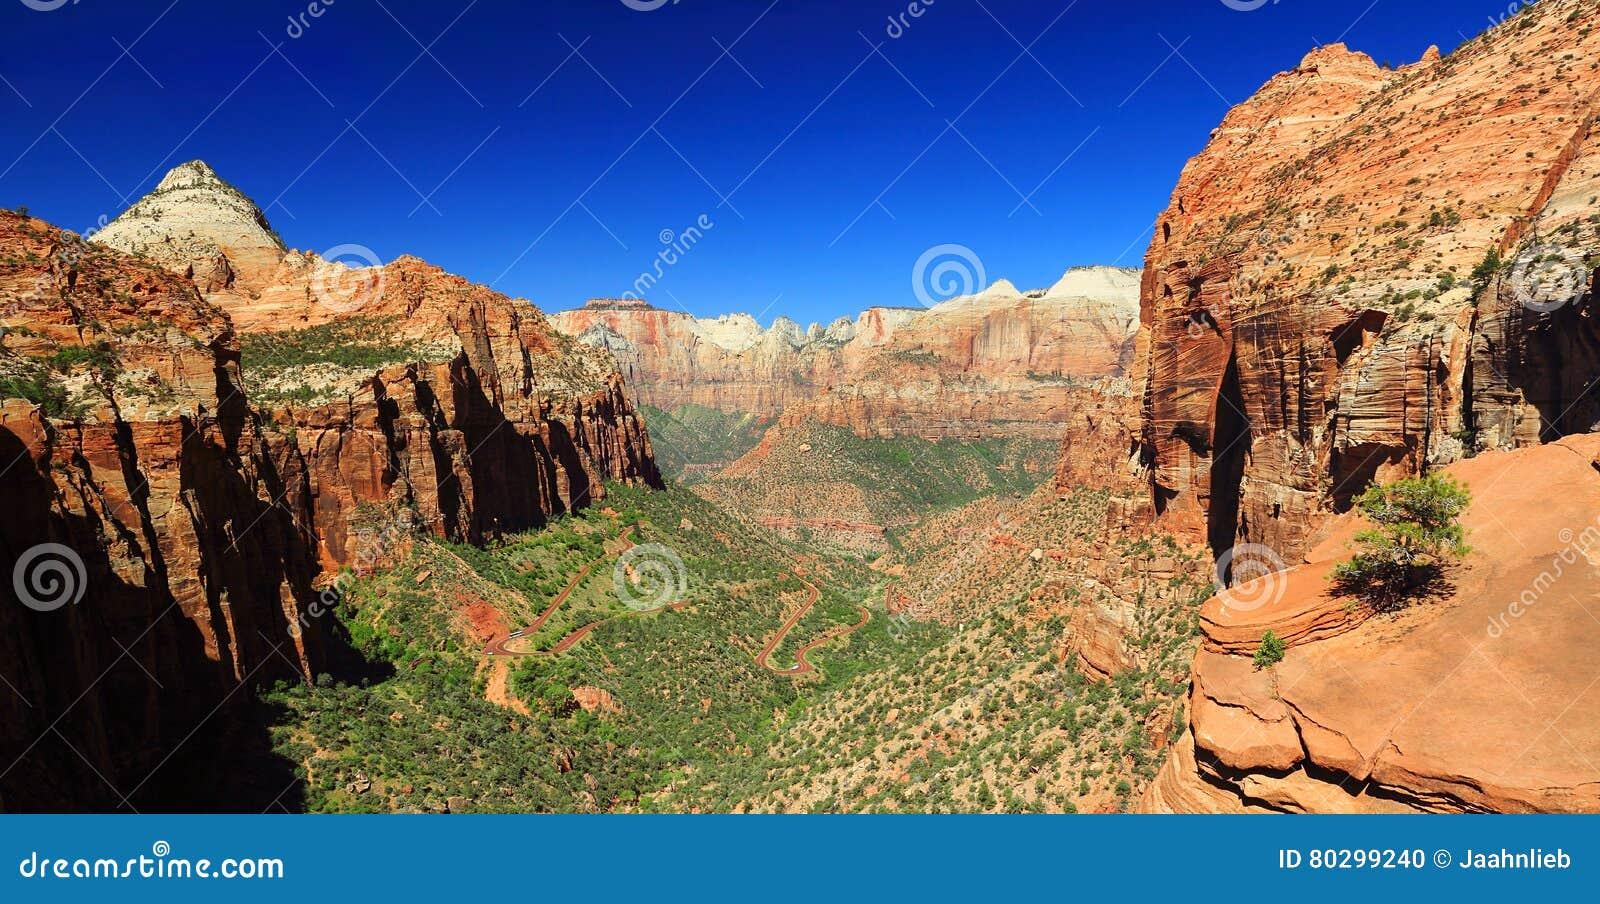 Το φαράγγι αγνοεί, εθνικό πάρκο Zion, Γιούτα